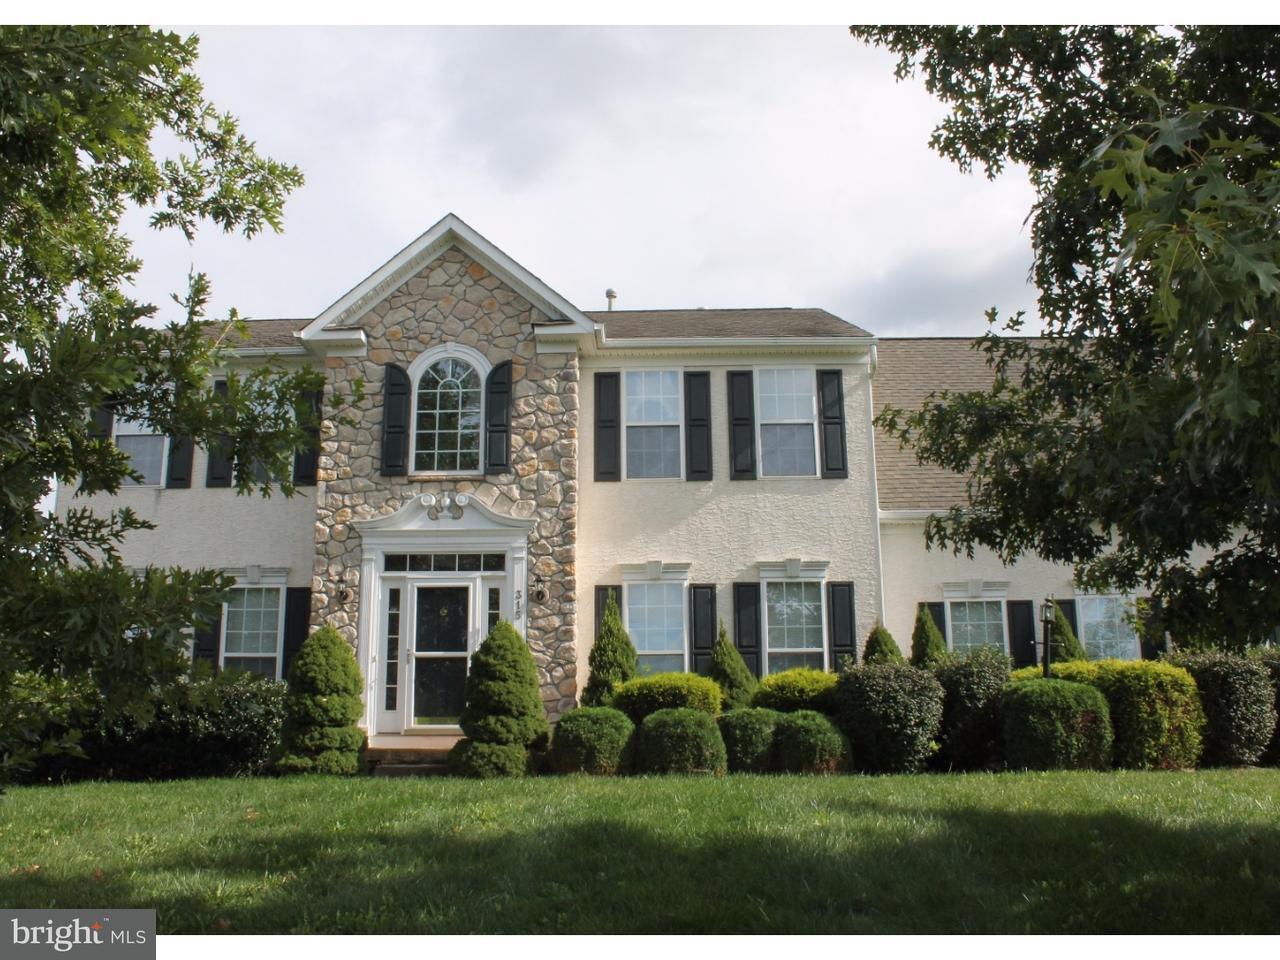 Maison unifamiliale pour l Vente à 315 WINCHESTER Lane West Grove, Pennsylvanie 19390 États-Unis